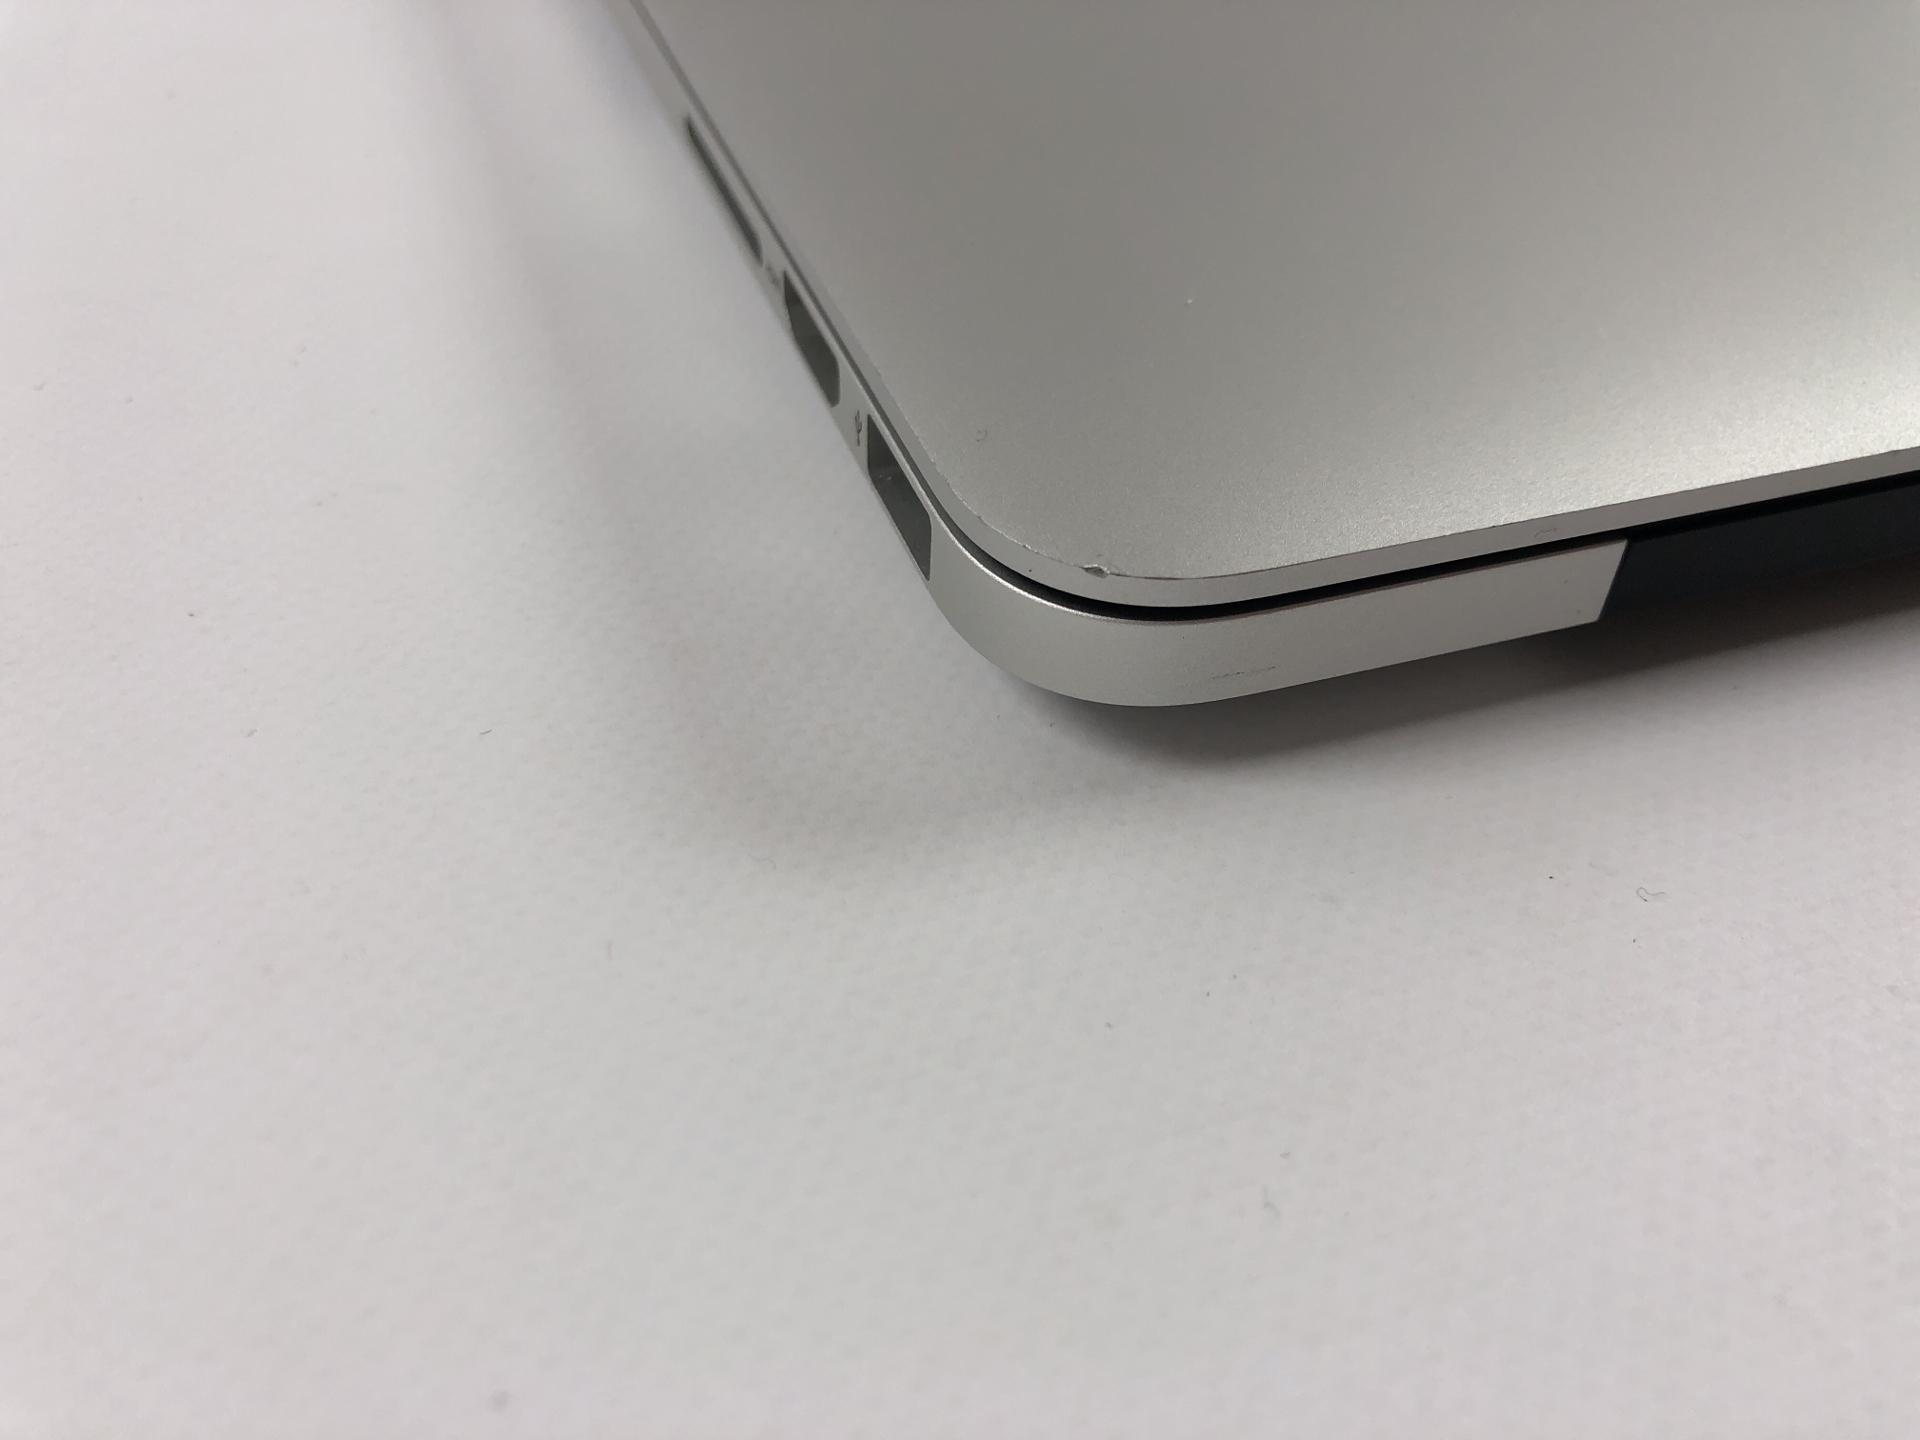 """MacBook Pro Retina 15"""" Mid 2015 (Intel Quad-Core i7 2.8 GHz 16 GB RAM 512 GB SSD), Intel Quad-Core i7 2.8 GHz, 16 GB RAM, 512 GB SSD, Bild 3"""